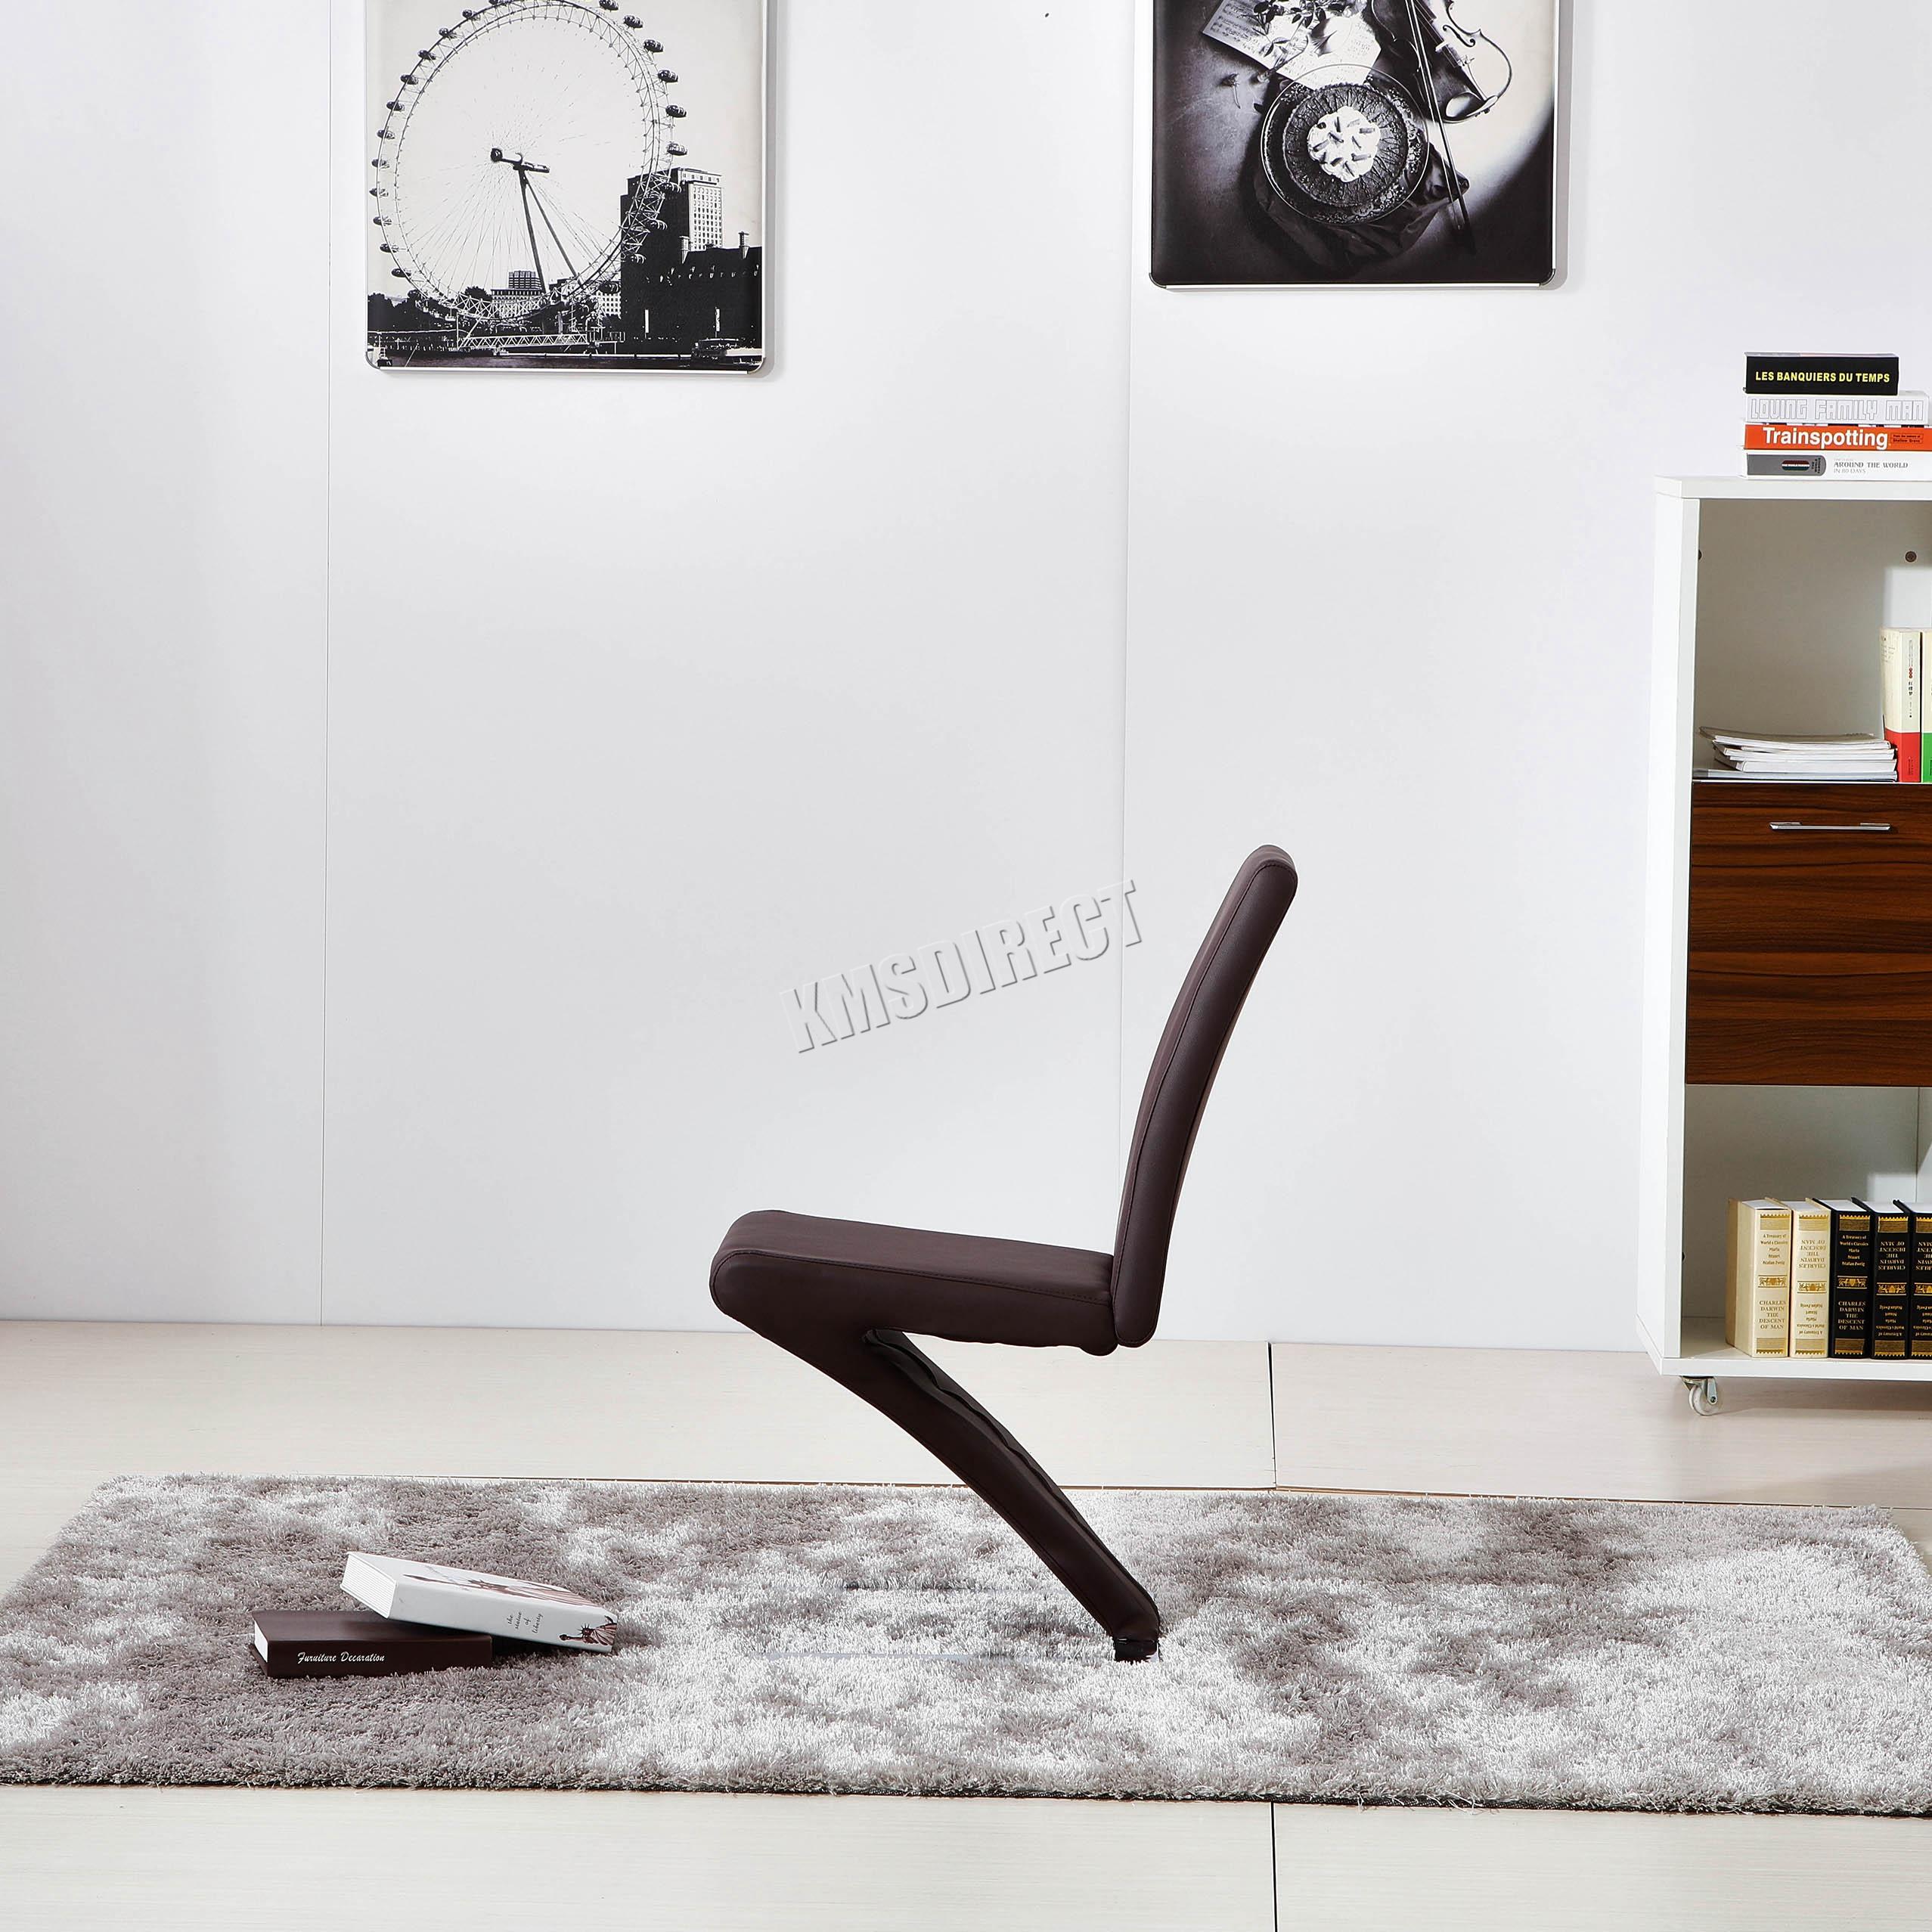 Einzigartig Sessel Stuhl Esszimmer Galerie Von WÄchter Kosmetisch Beschädigt 2/4 Pcs Z Form